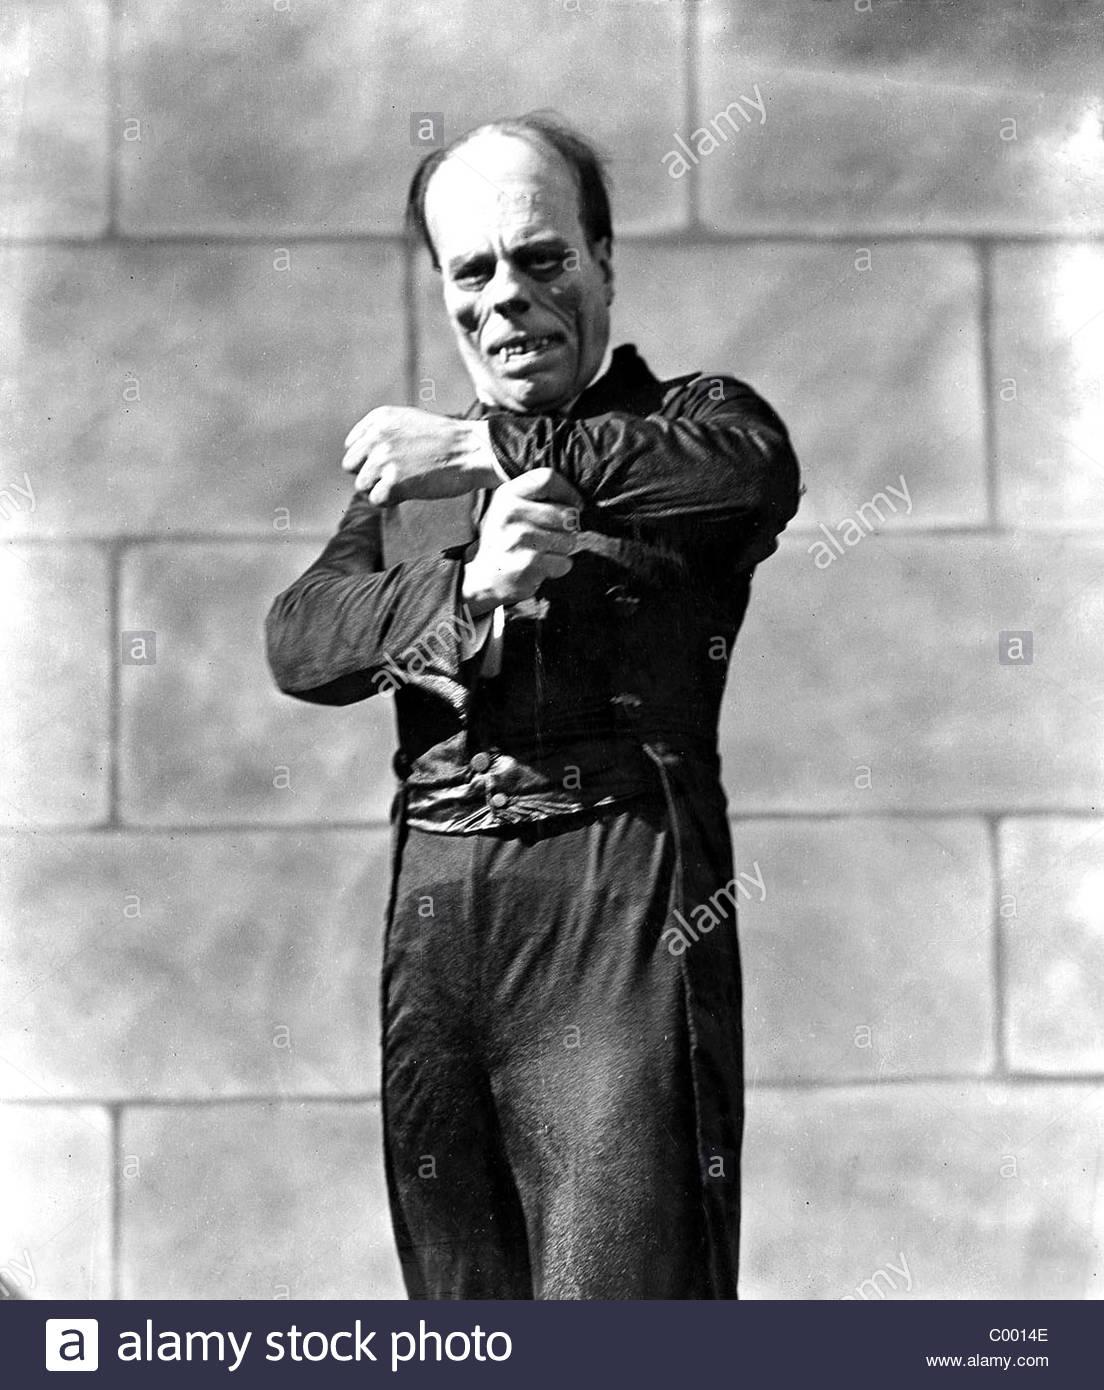 lon-chaney-the-phantom-of-the-opera-1925-C0014E